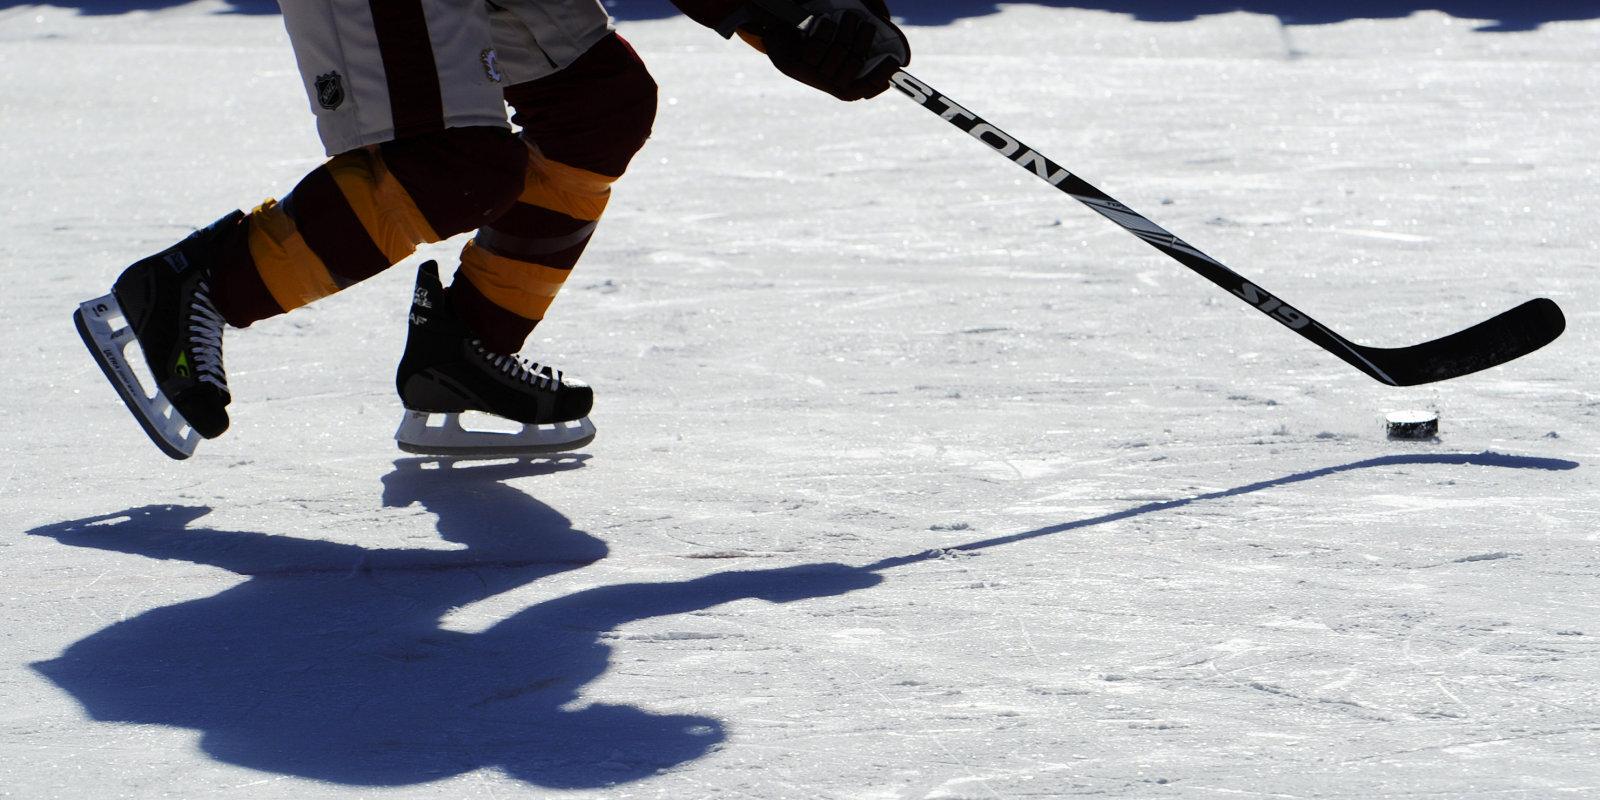 Nespēja kopīgi strādāt un aizdomas par finanšu shēmām sakašķē 'Riga Hockey Cup' rīkotājus